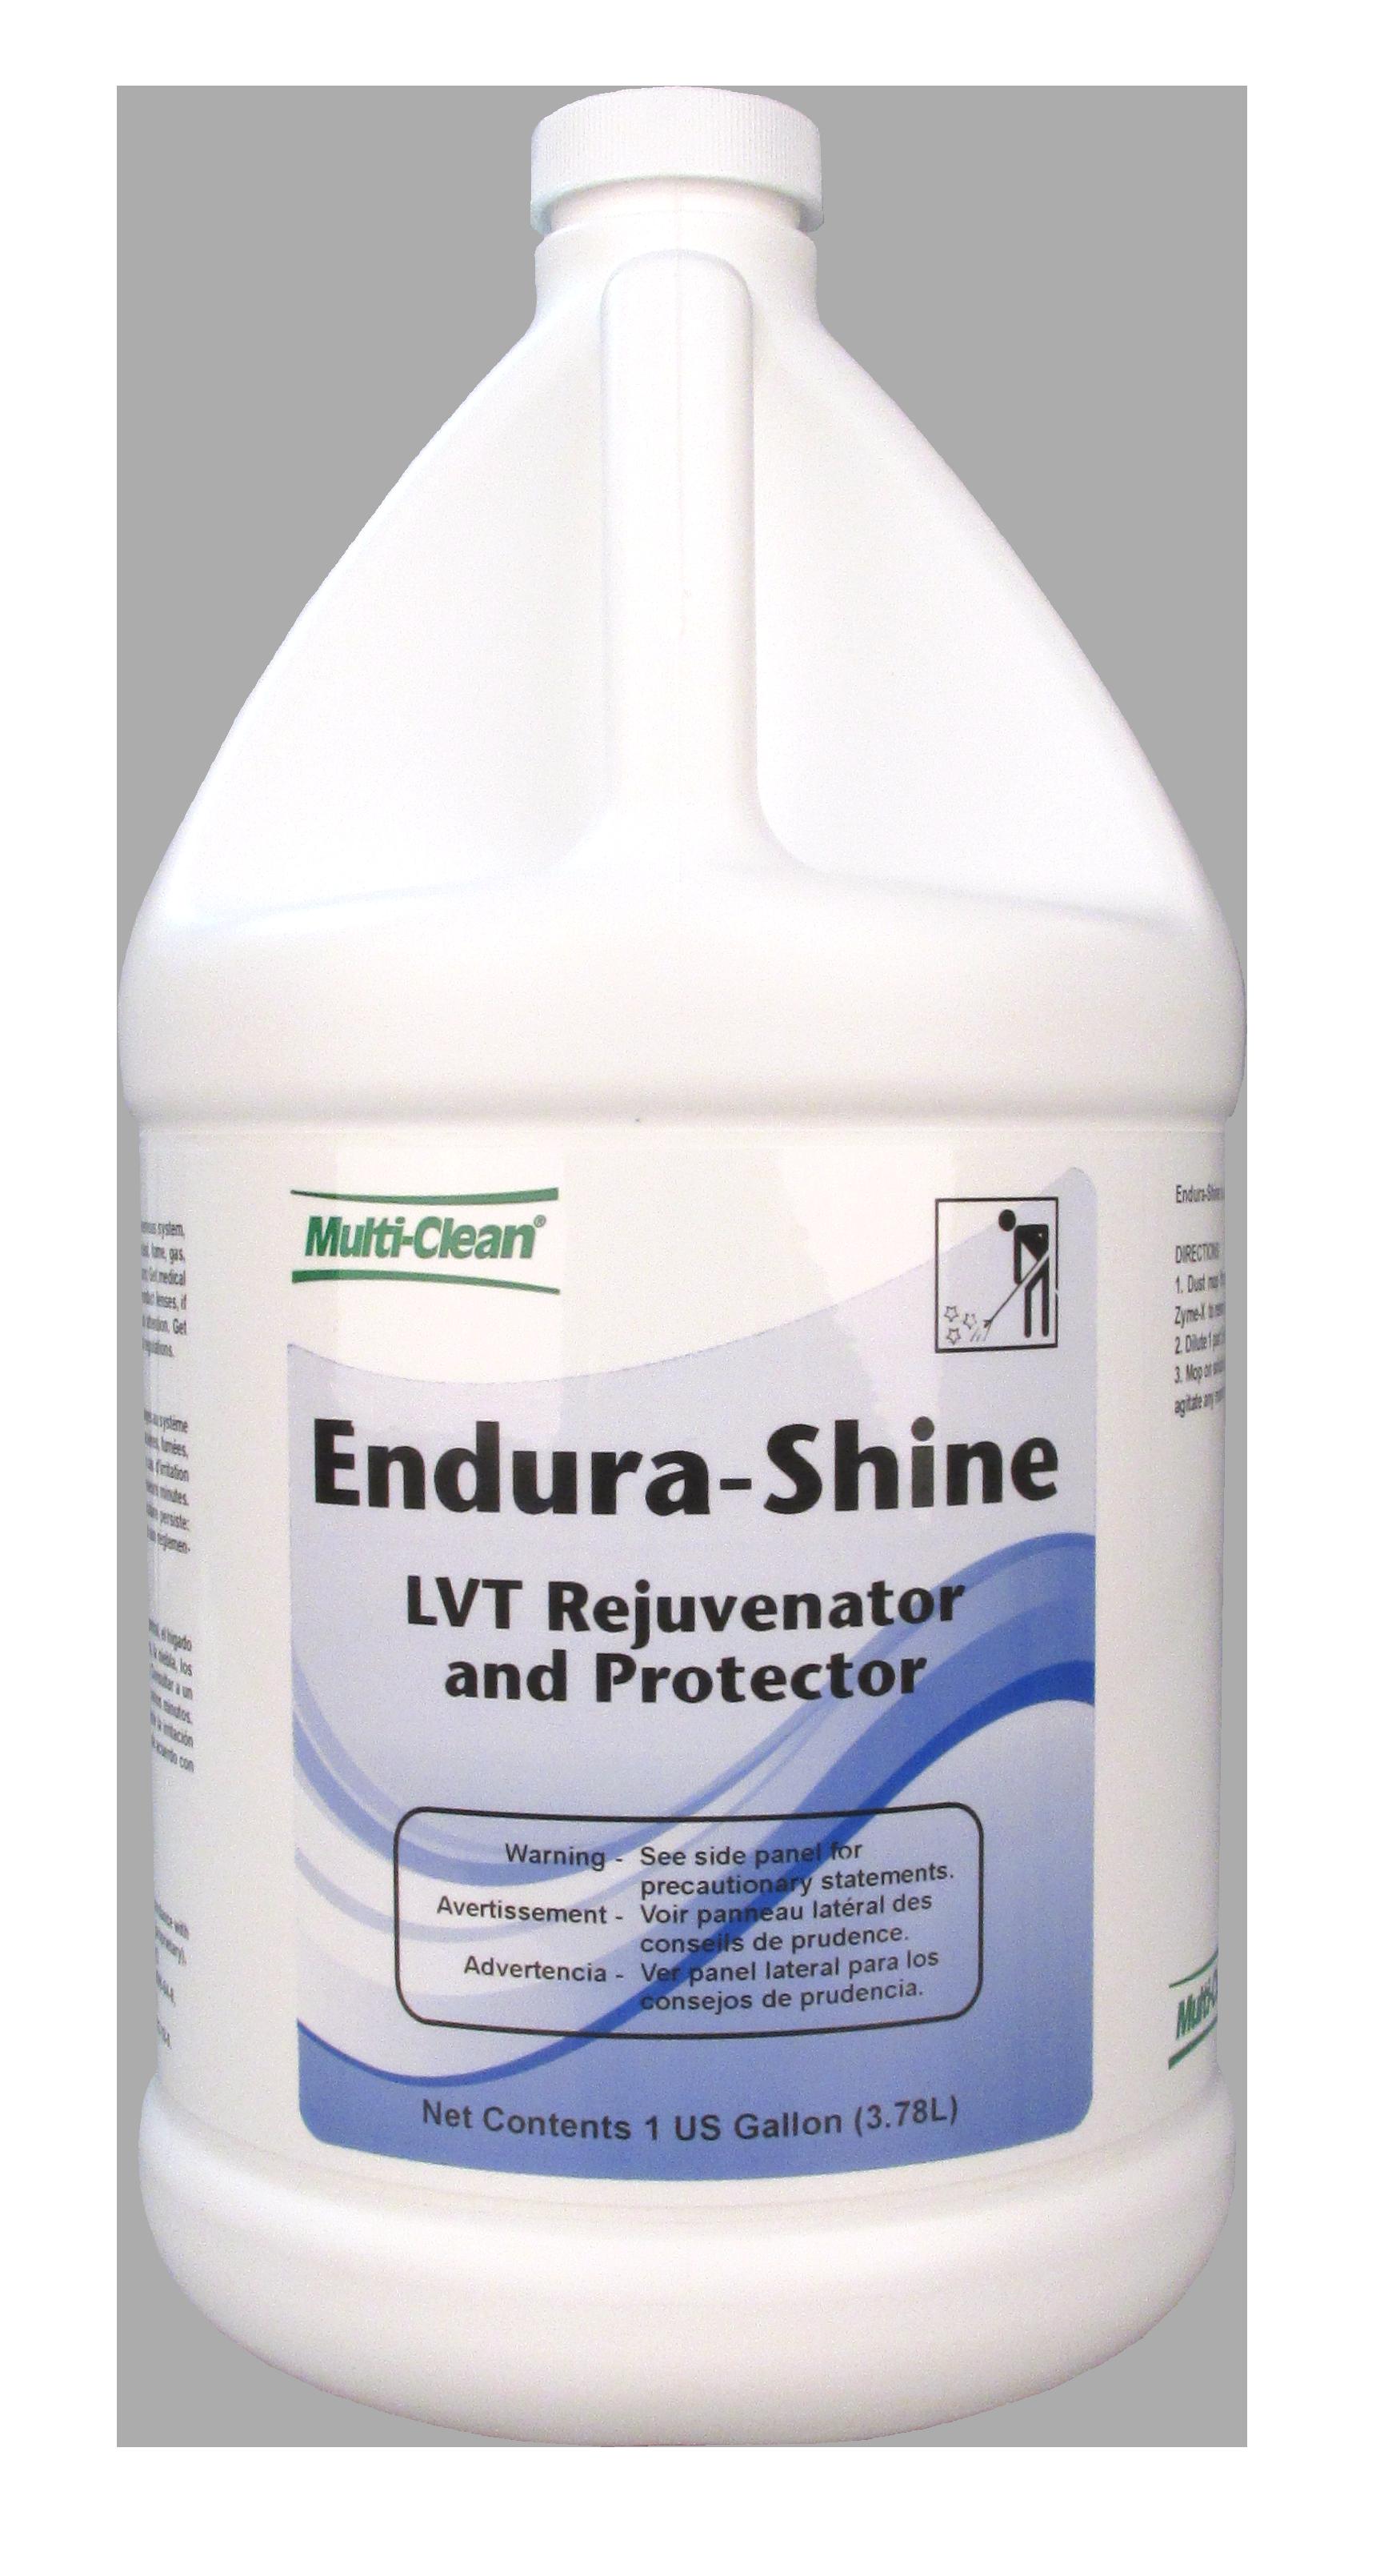 Endura-Shine